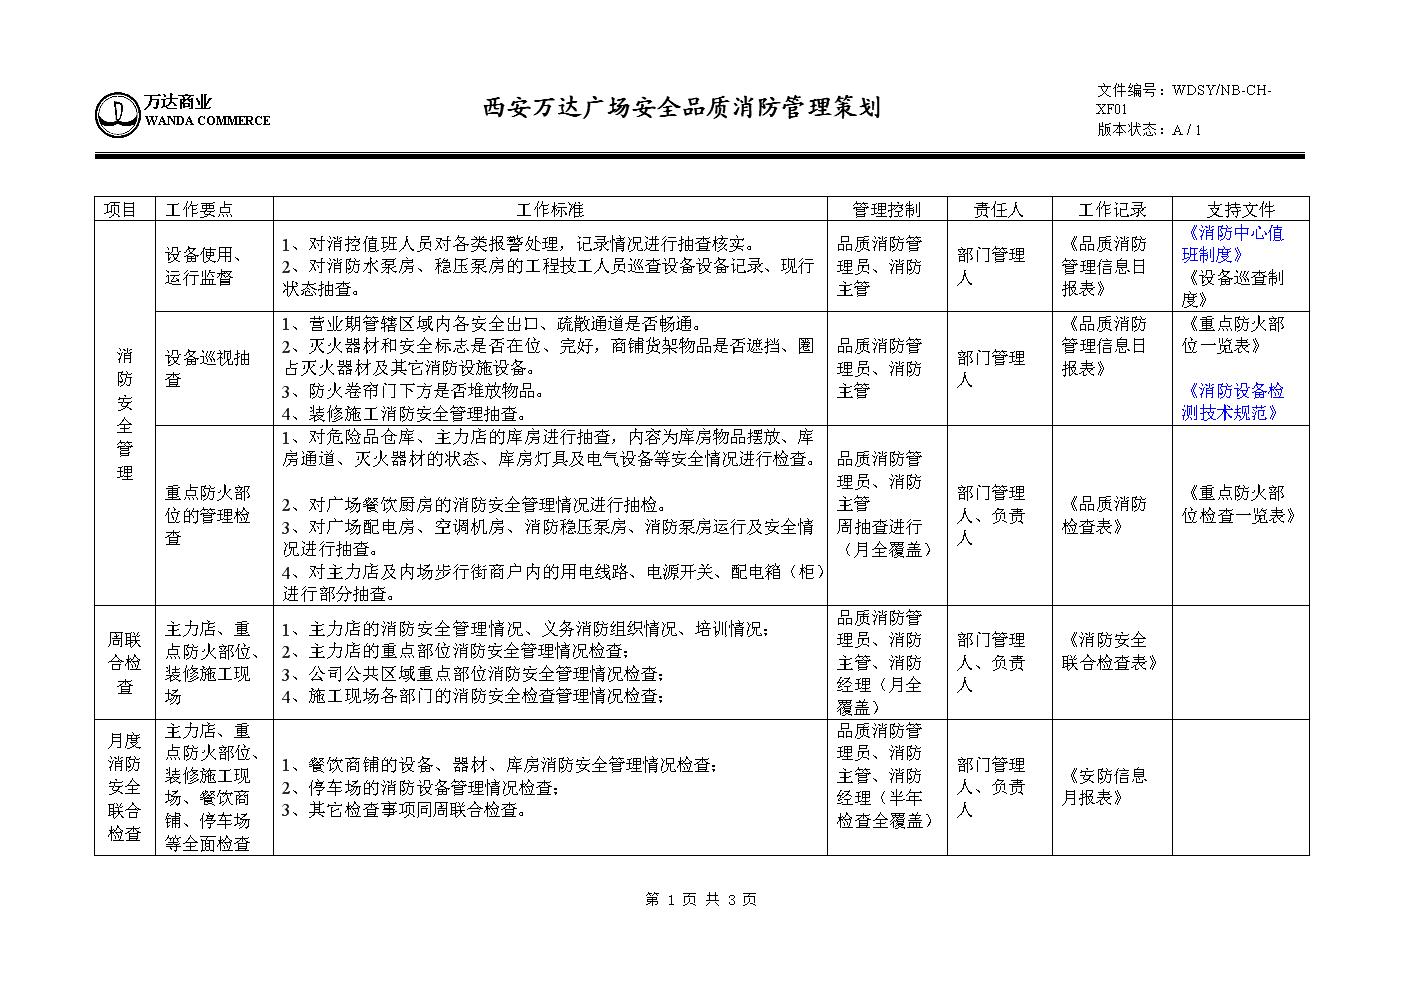 万达广场商业管理资料之-消防管理策划.doc